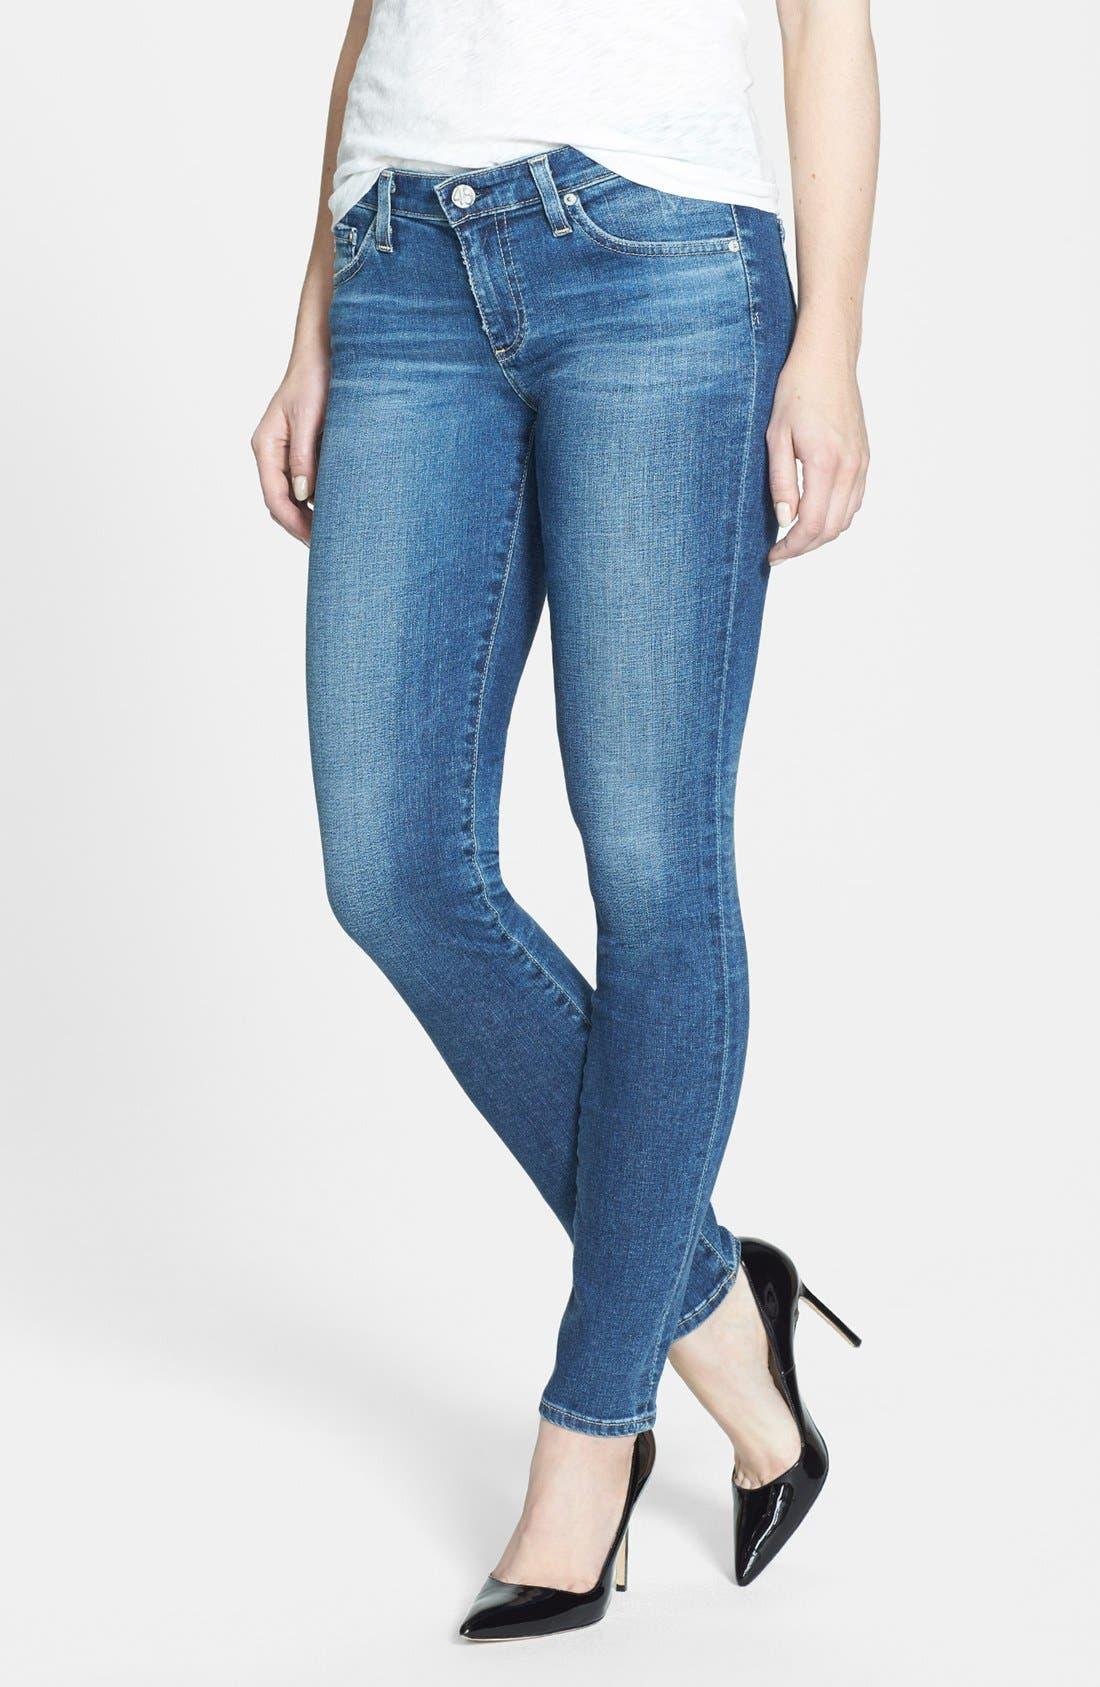 Main Image - AG 'The Stilt' Cigarette Leg Jeans (Eighteen Year)